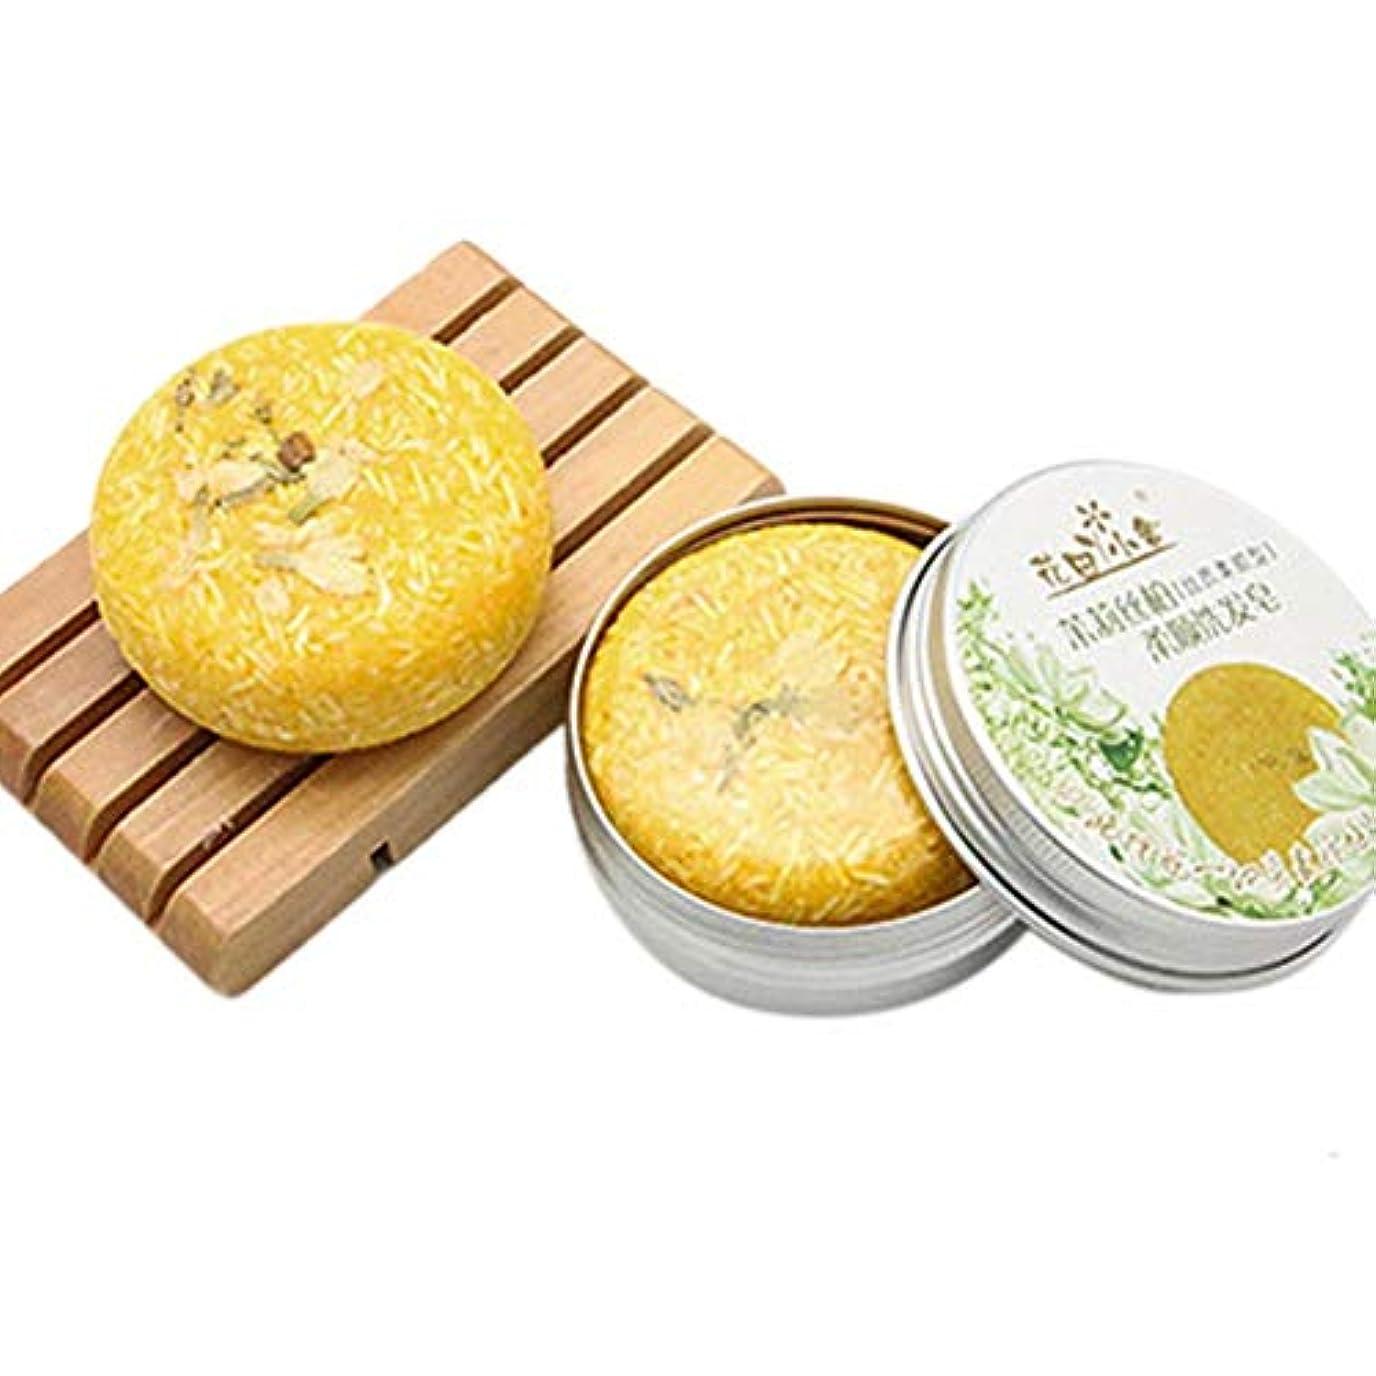 ローズマリーシャンプー石鹸、スカルプラベンダー植物油ヘアケアシャンプー、アルミボックス包装